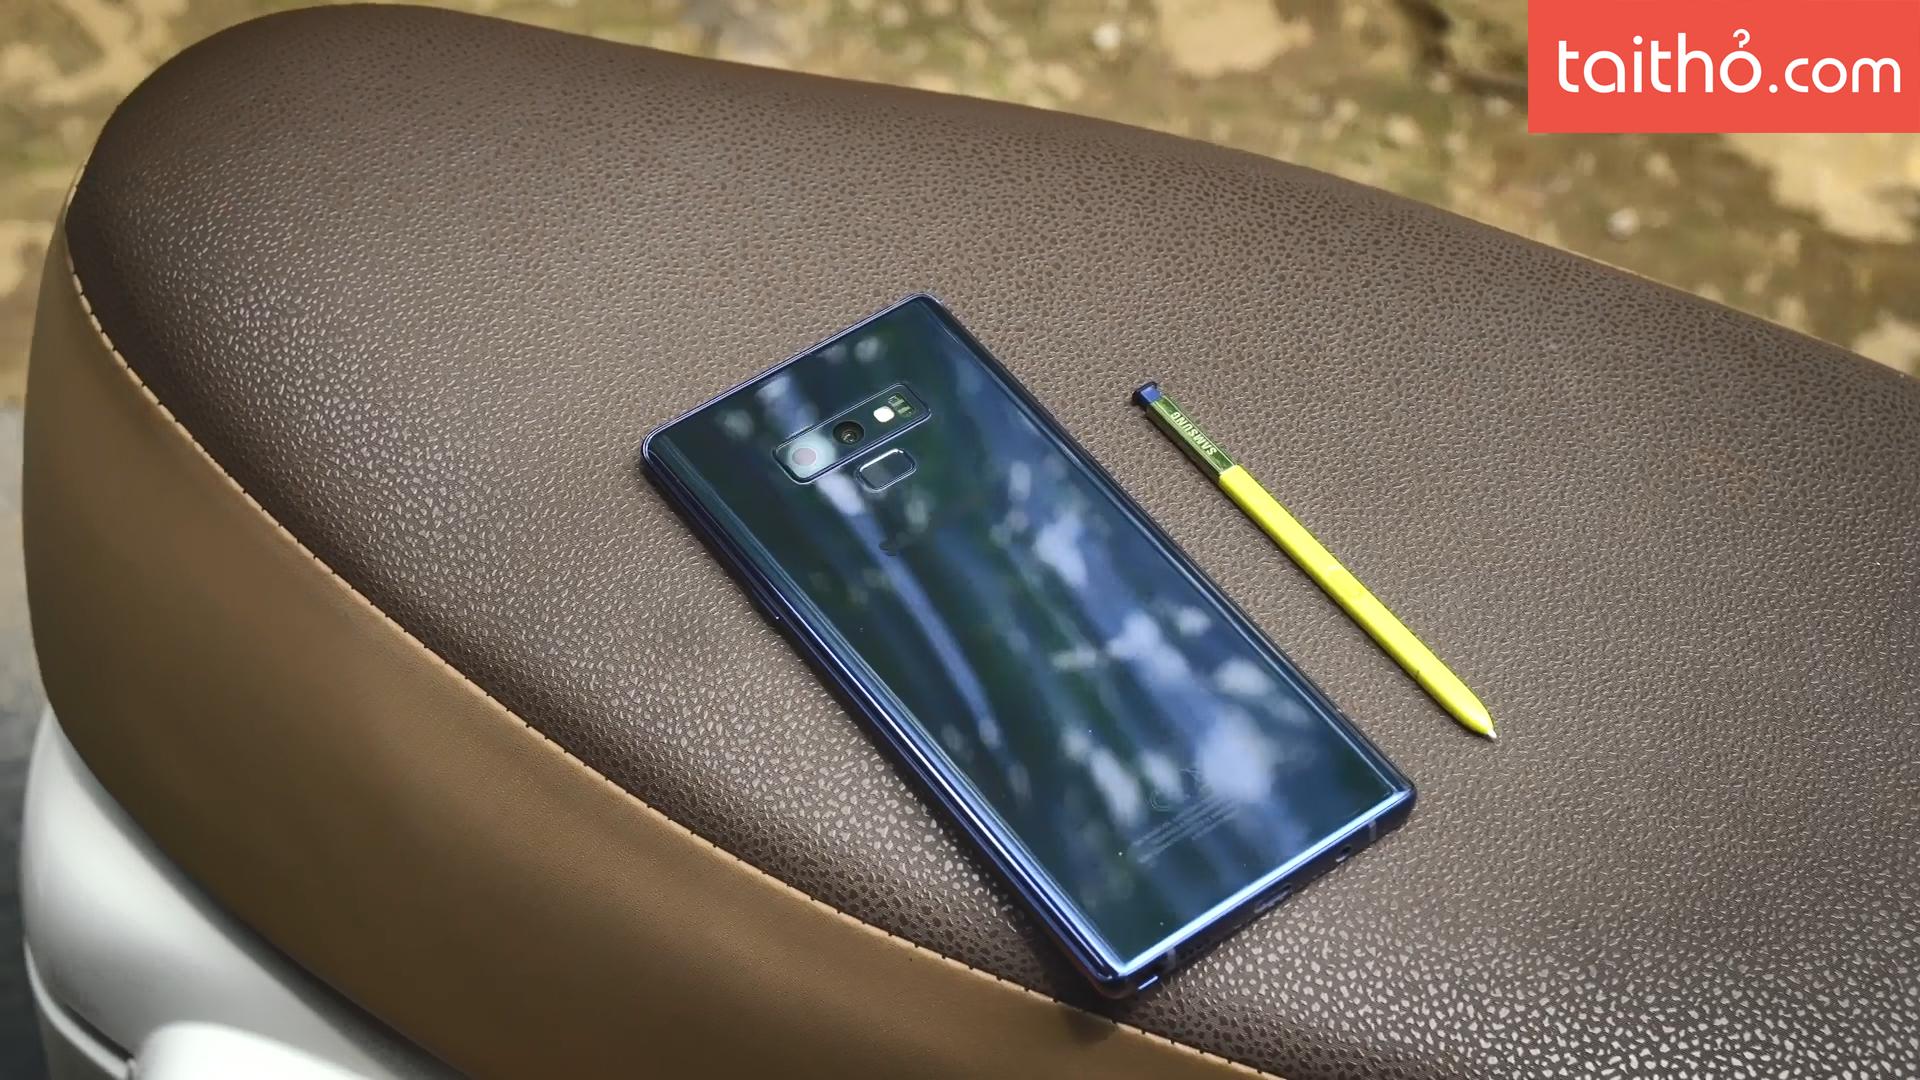 Đánh giá chi tiết Samsung Galaxy Note 9 - Ảnh 14